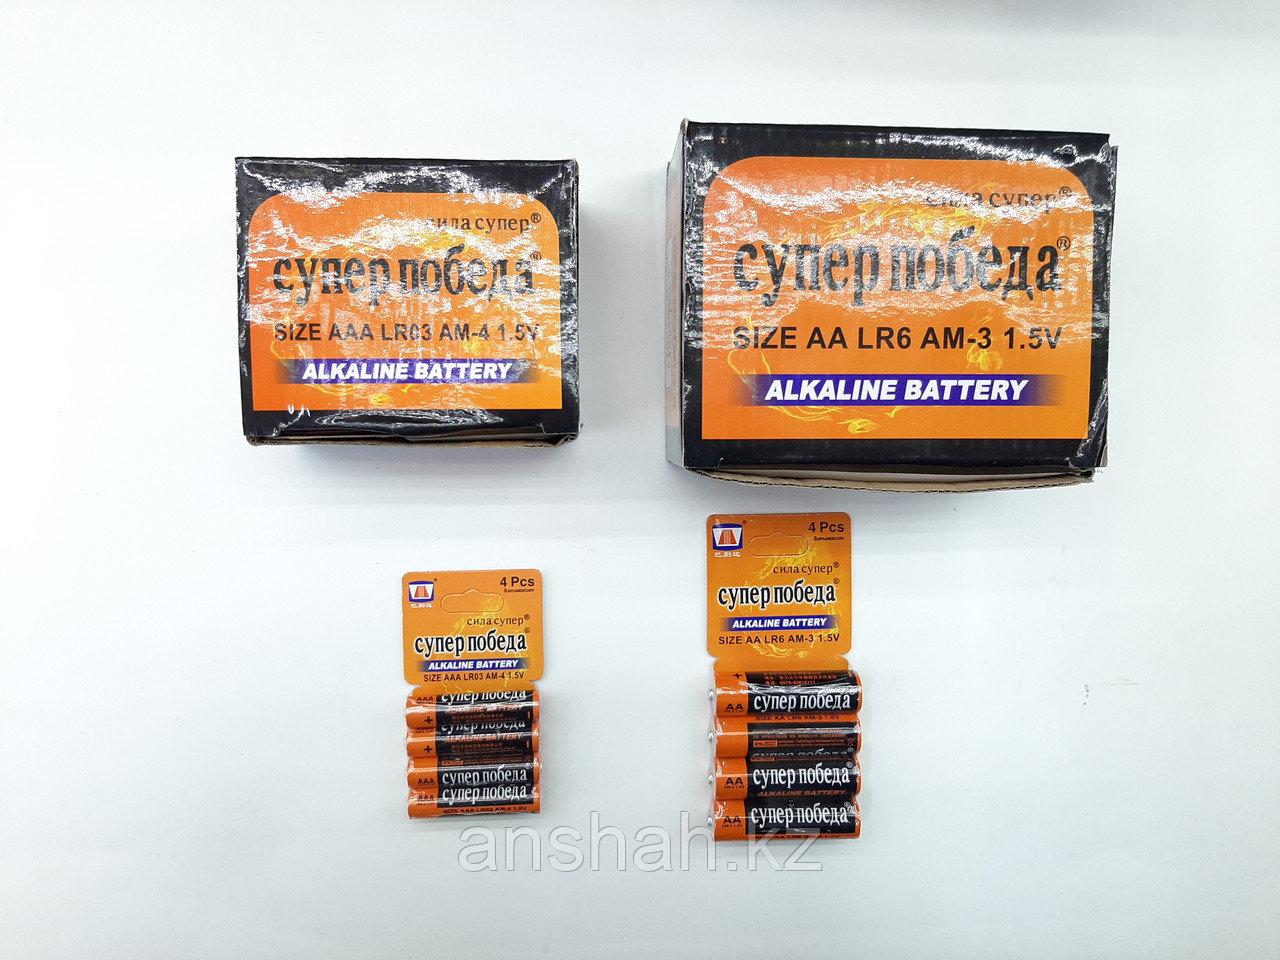 Батарейки Супер Победа мизинчиковые (48 штук в пачке)